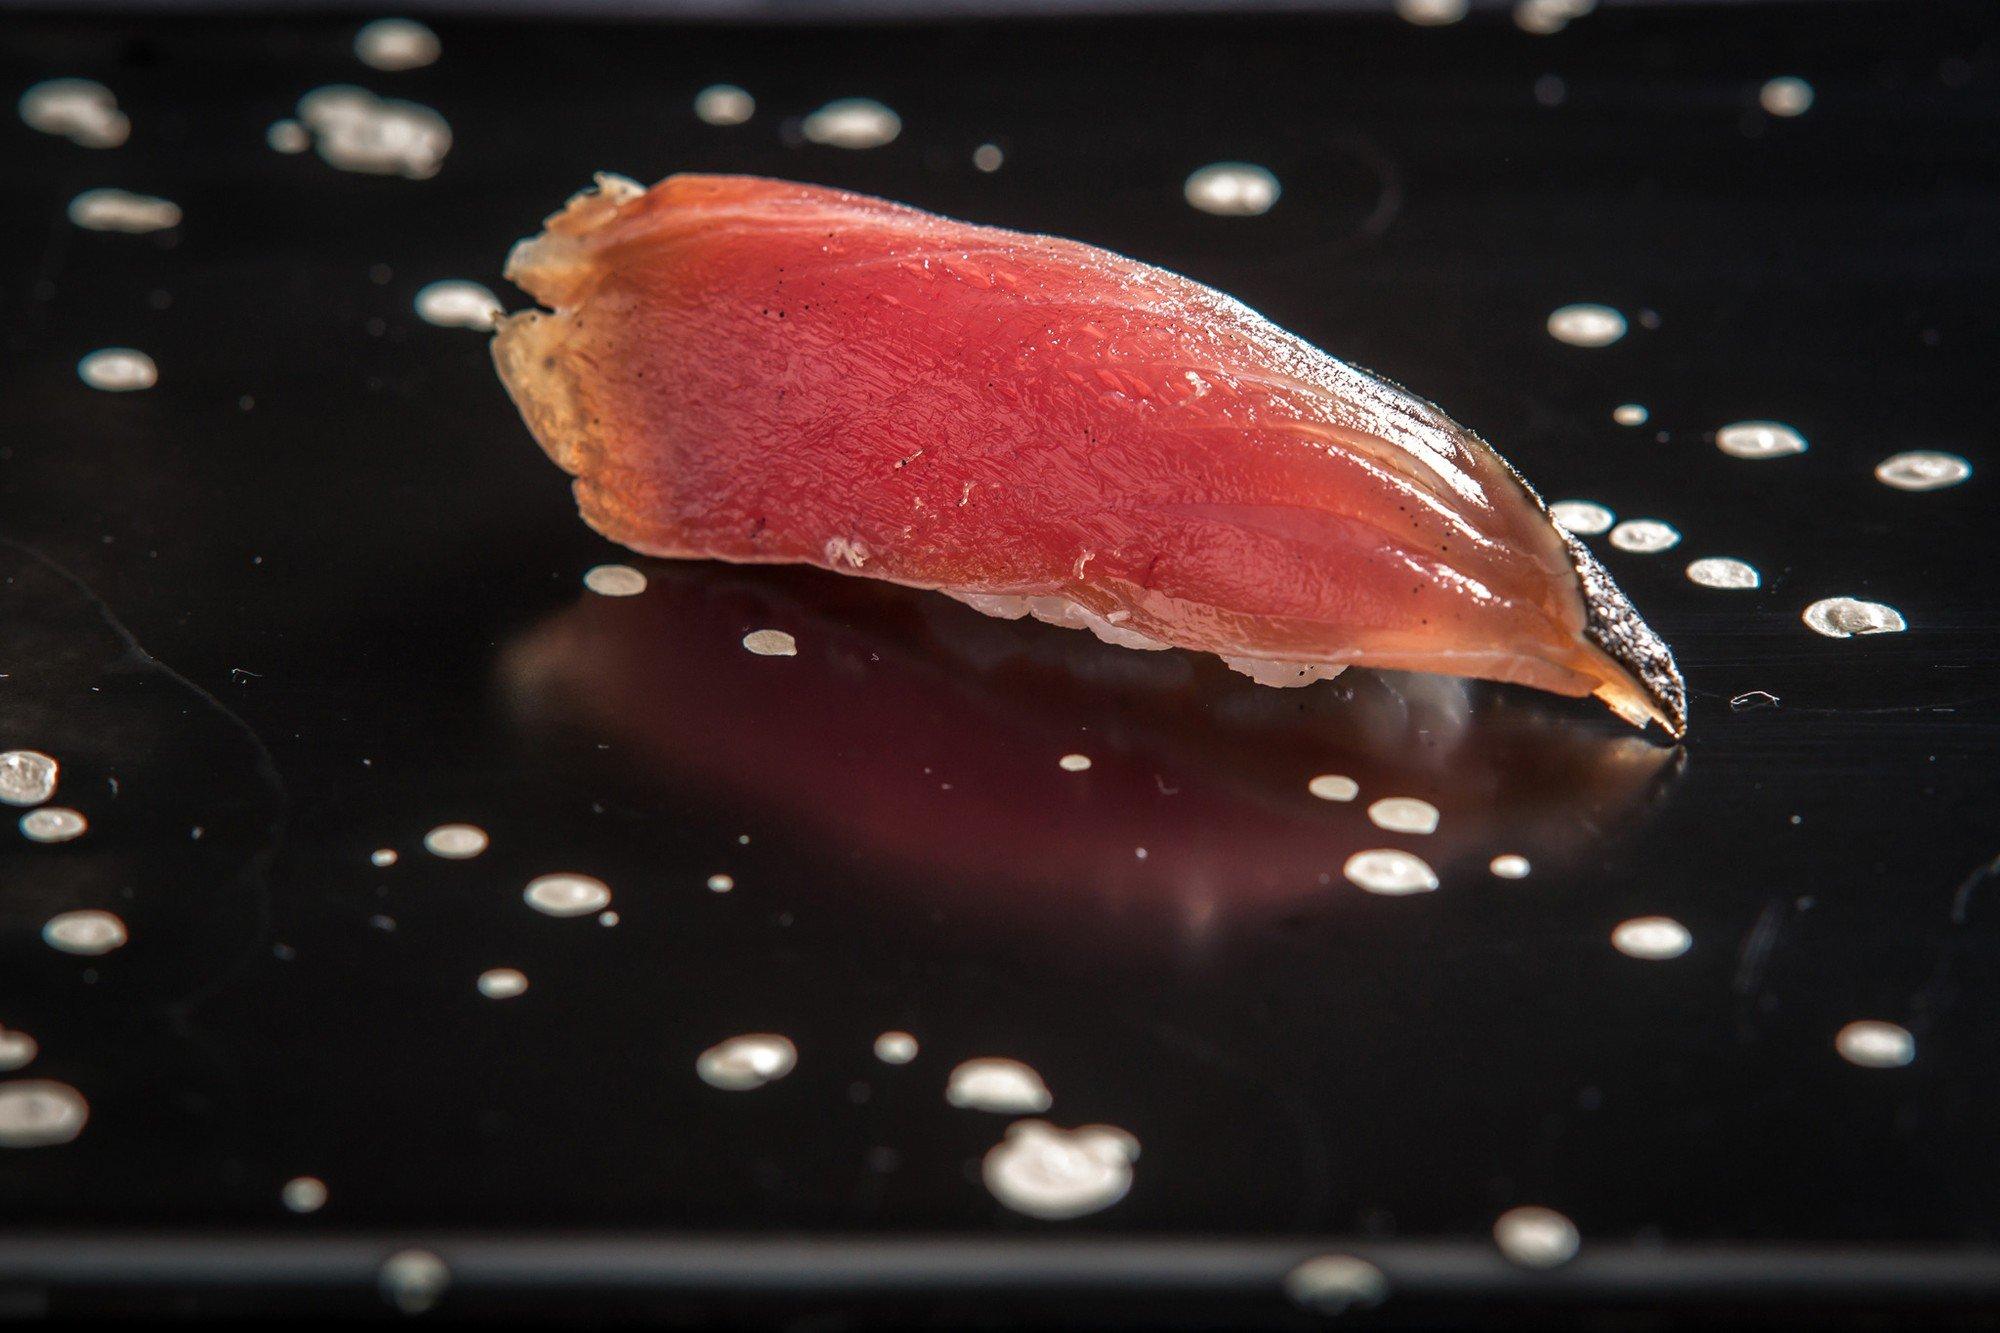 Từ thứ nguyên liệu để ướp cá rồi vứt đi, món ăn này đã trở nên nổi tiếng toàn cầu với giá cực chát - Ảnh 2.